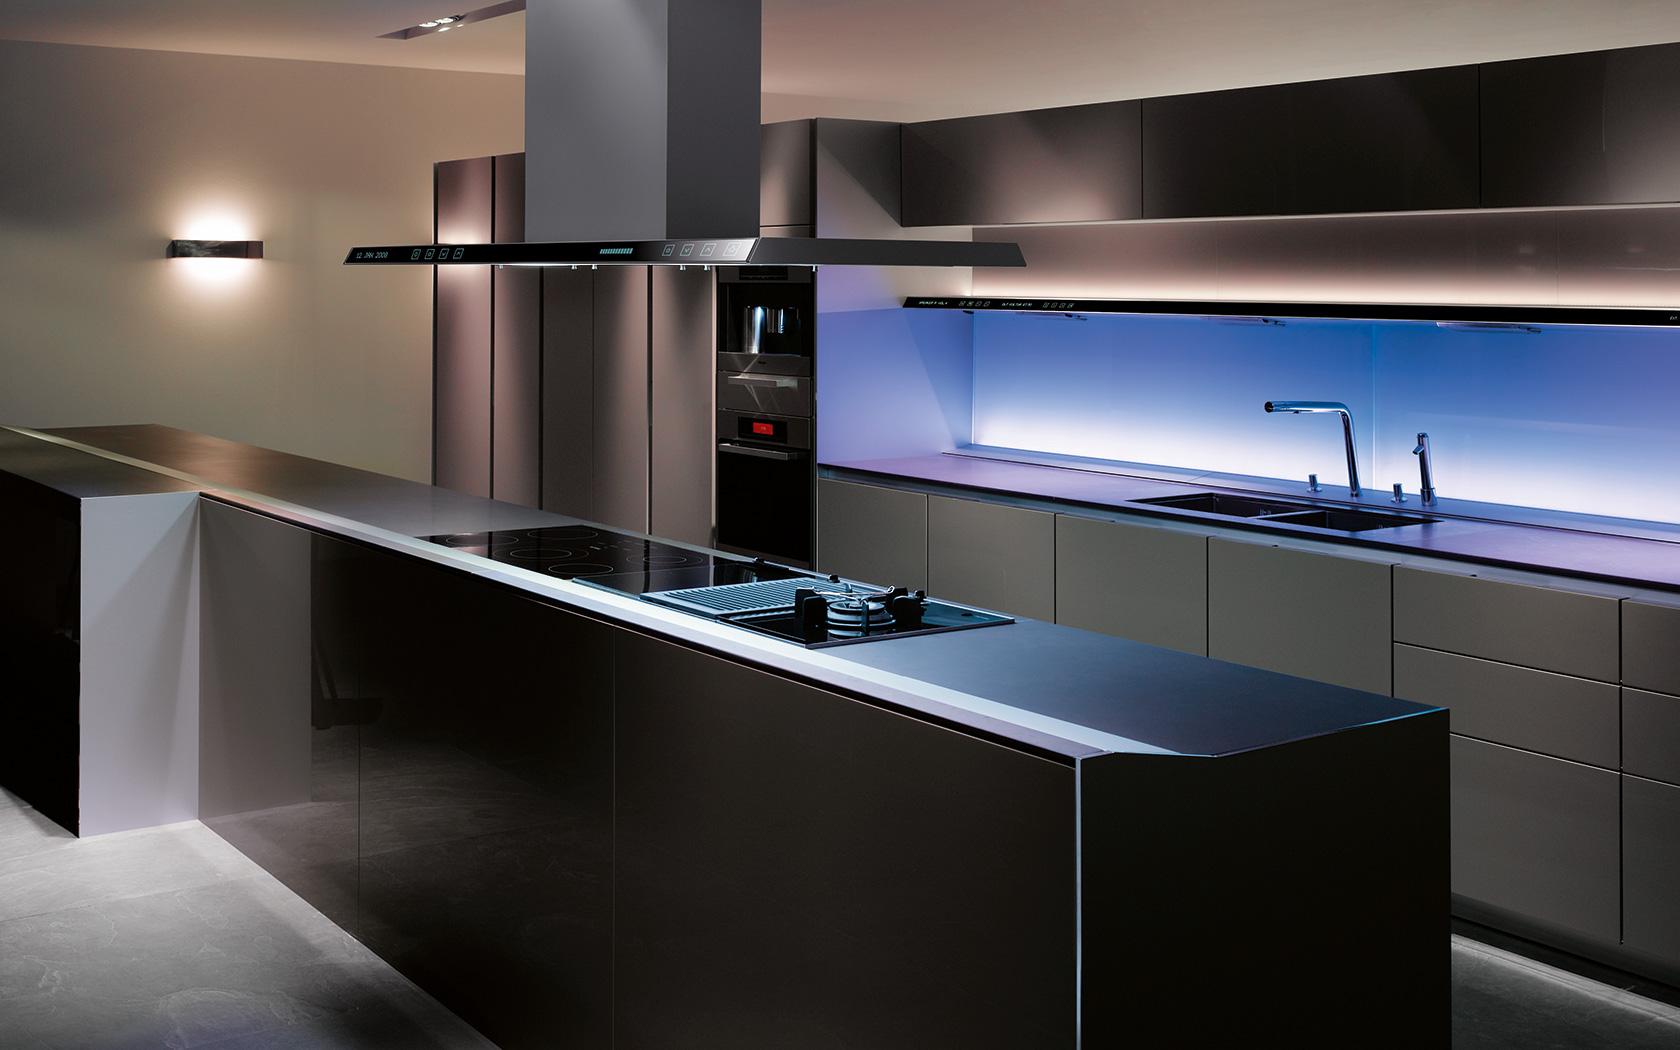 Keuken Modern Open : Handleless cabinets and pop open cabinet doors